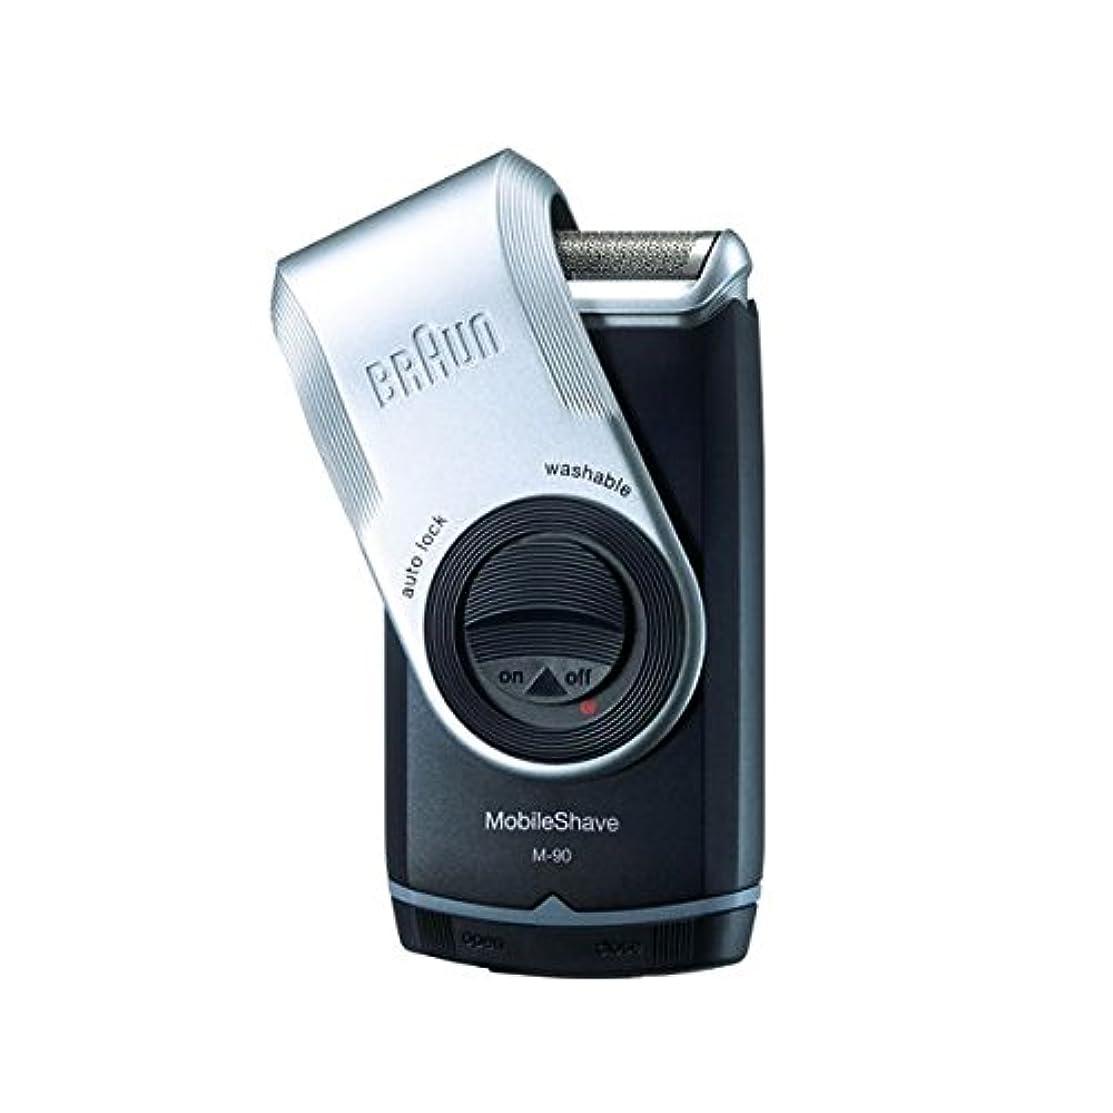 宿泊熟読打ち上げるBRAUN(ブラウン) シェーバー モバイルシェーブ(携帯型) M-90 ds-792921